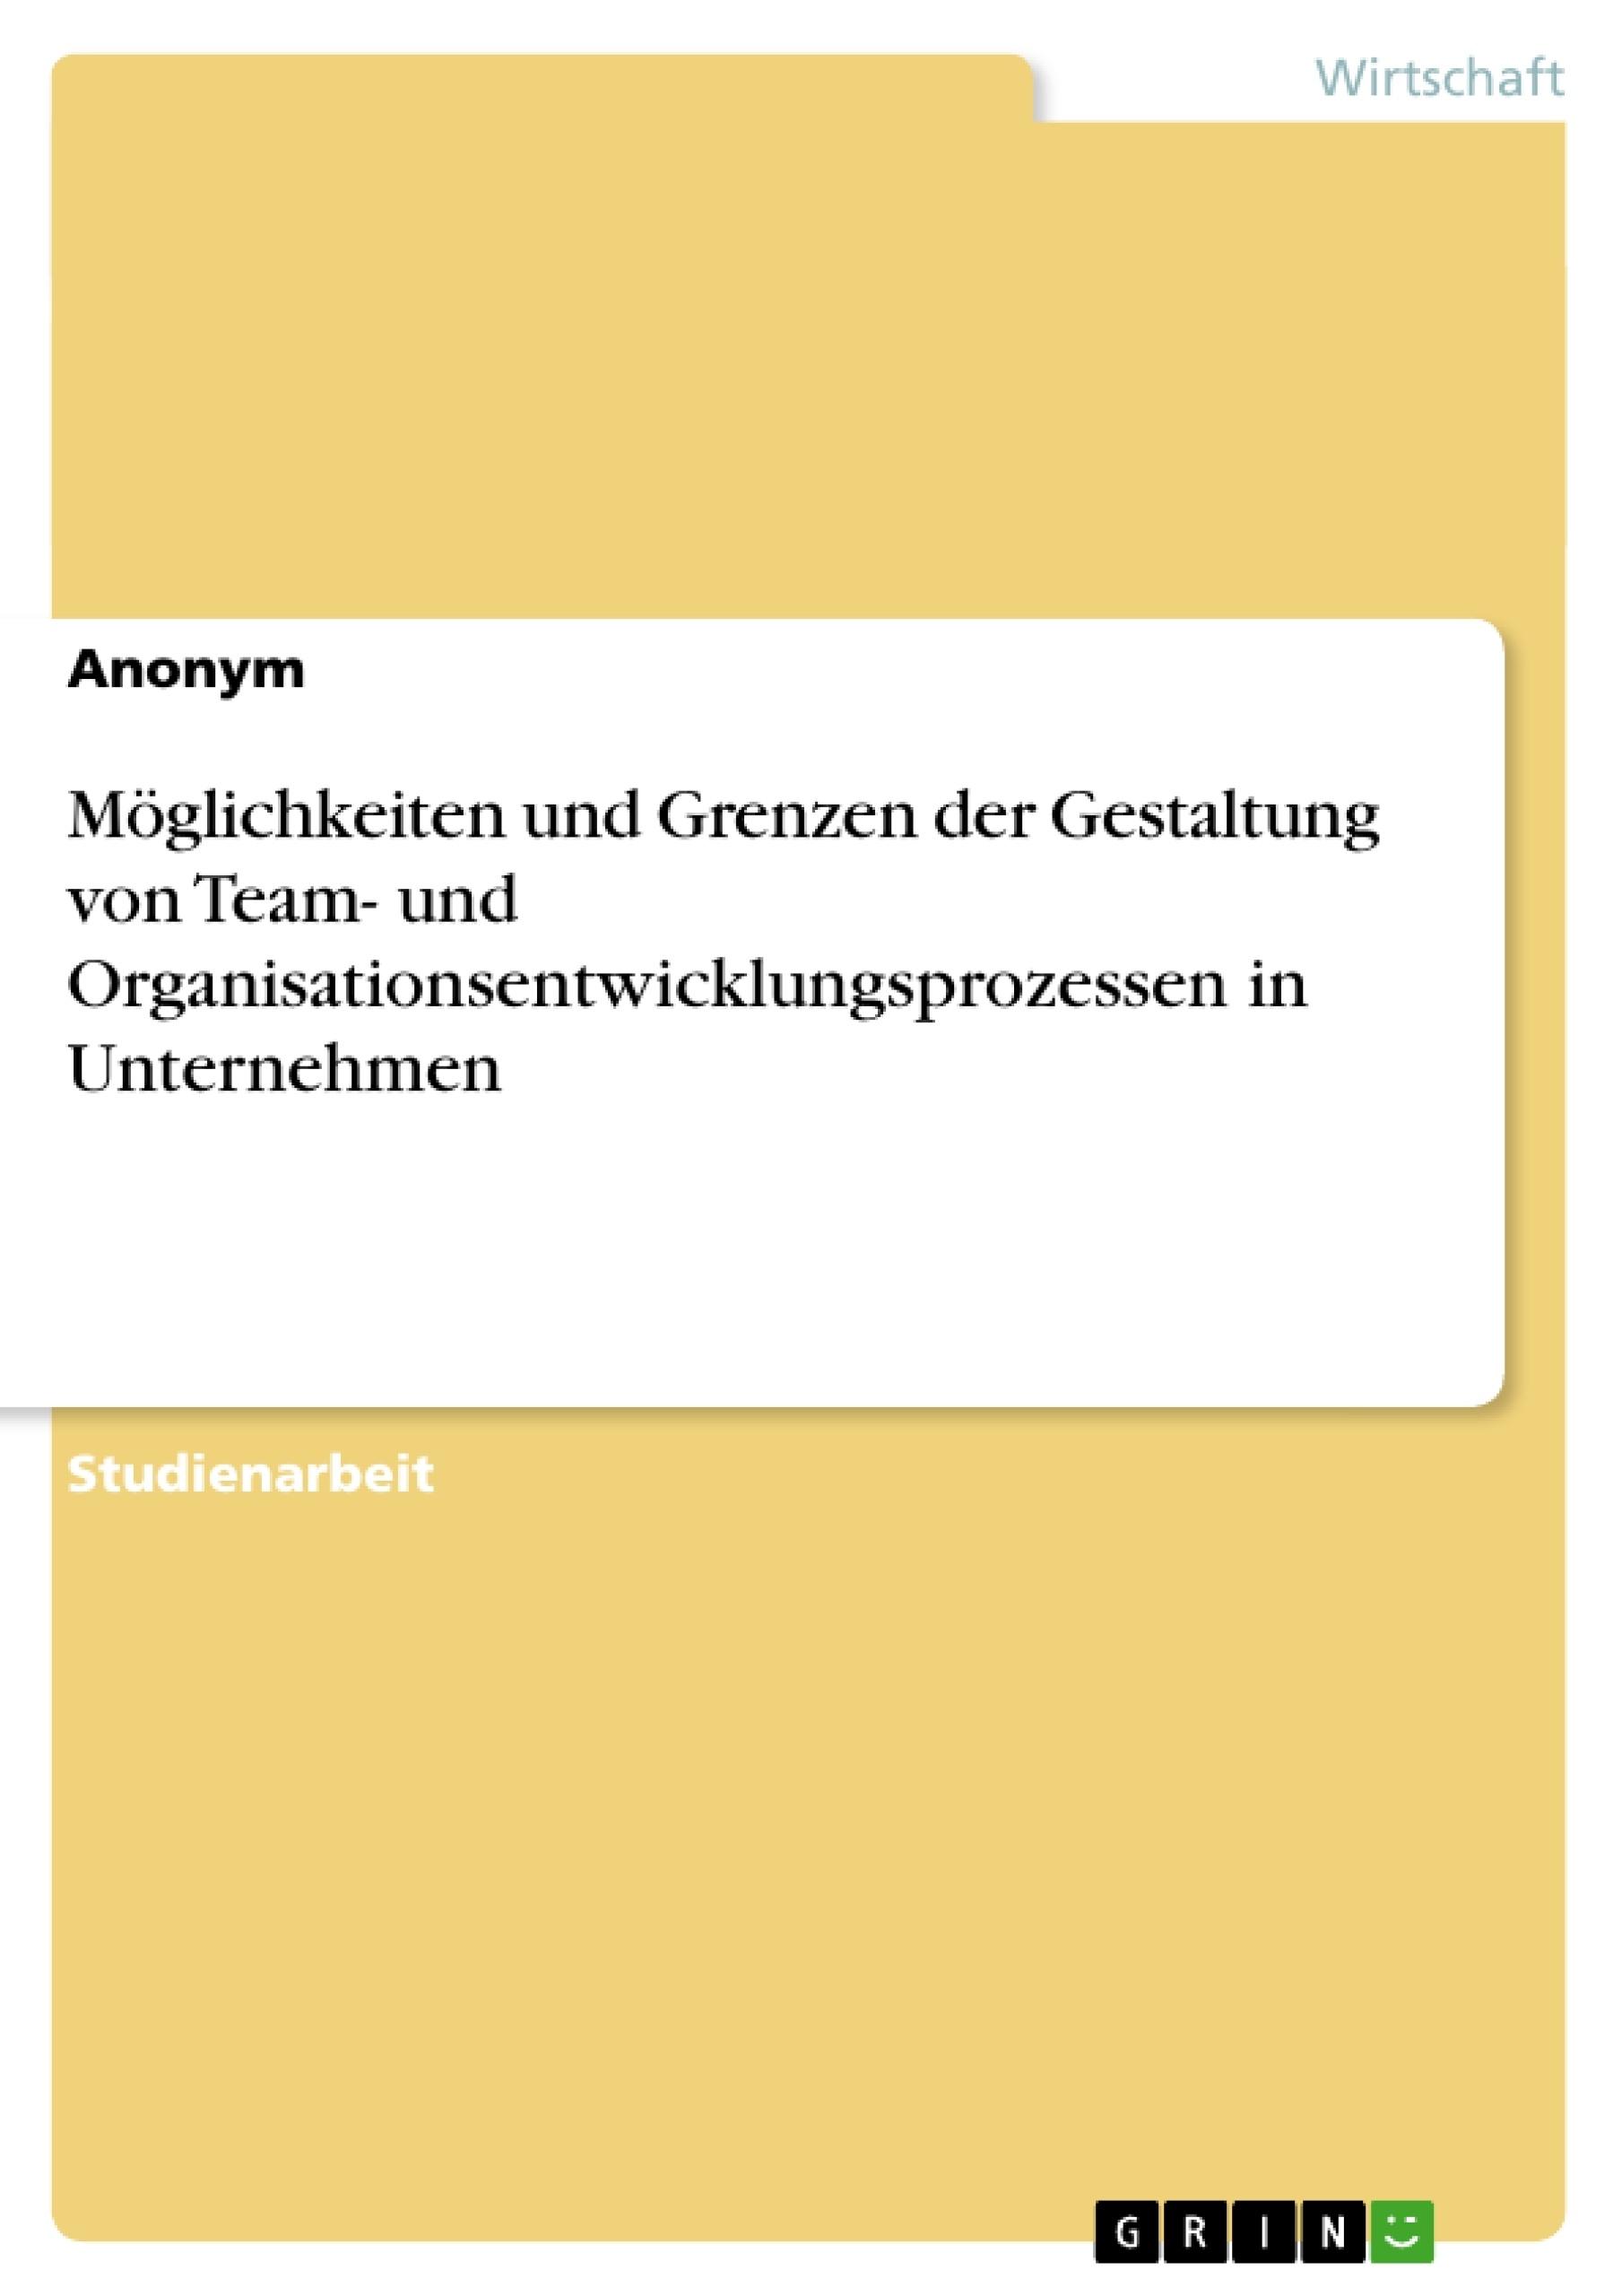 Titel: Möglichkeiten und Grenzen der Gestaltung von Team- und Organisationsentwicklungsprozessen in Unternehmen